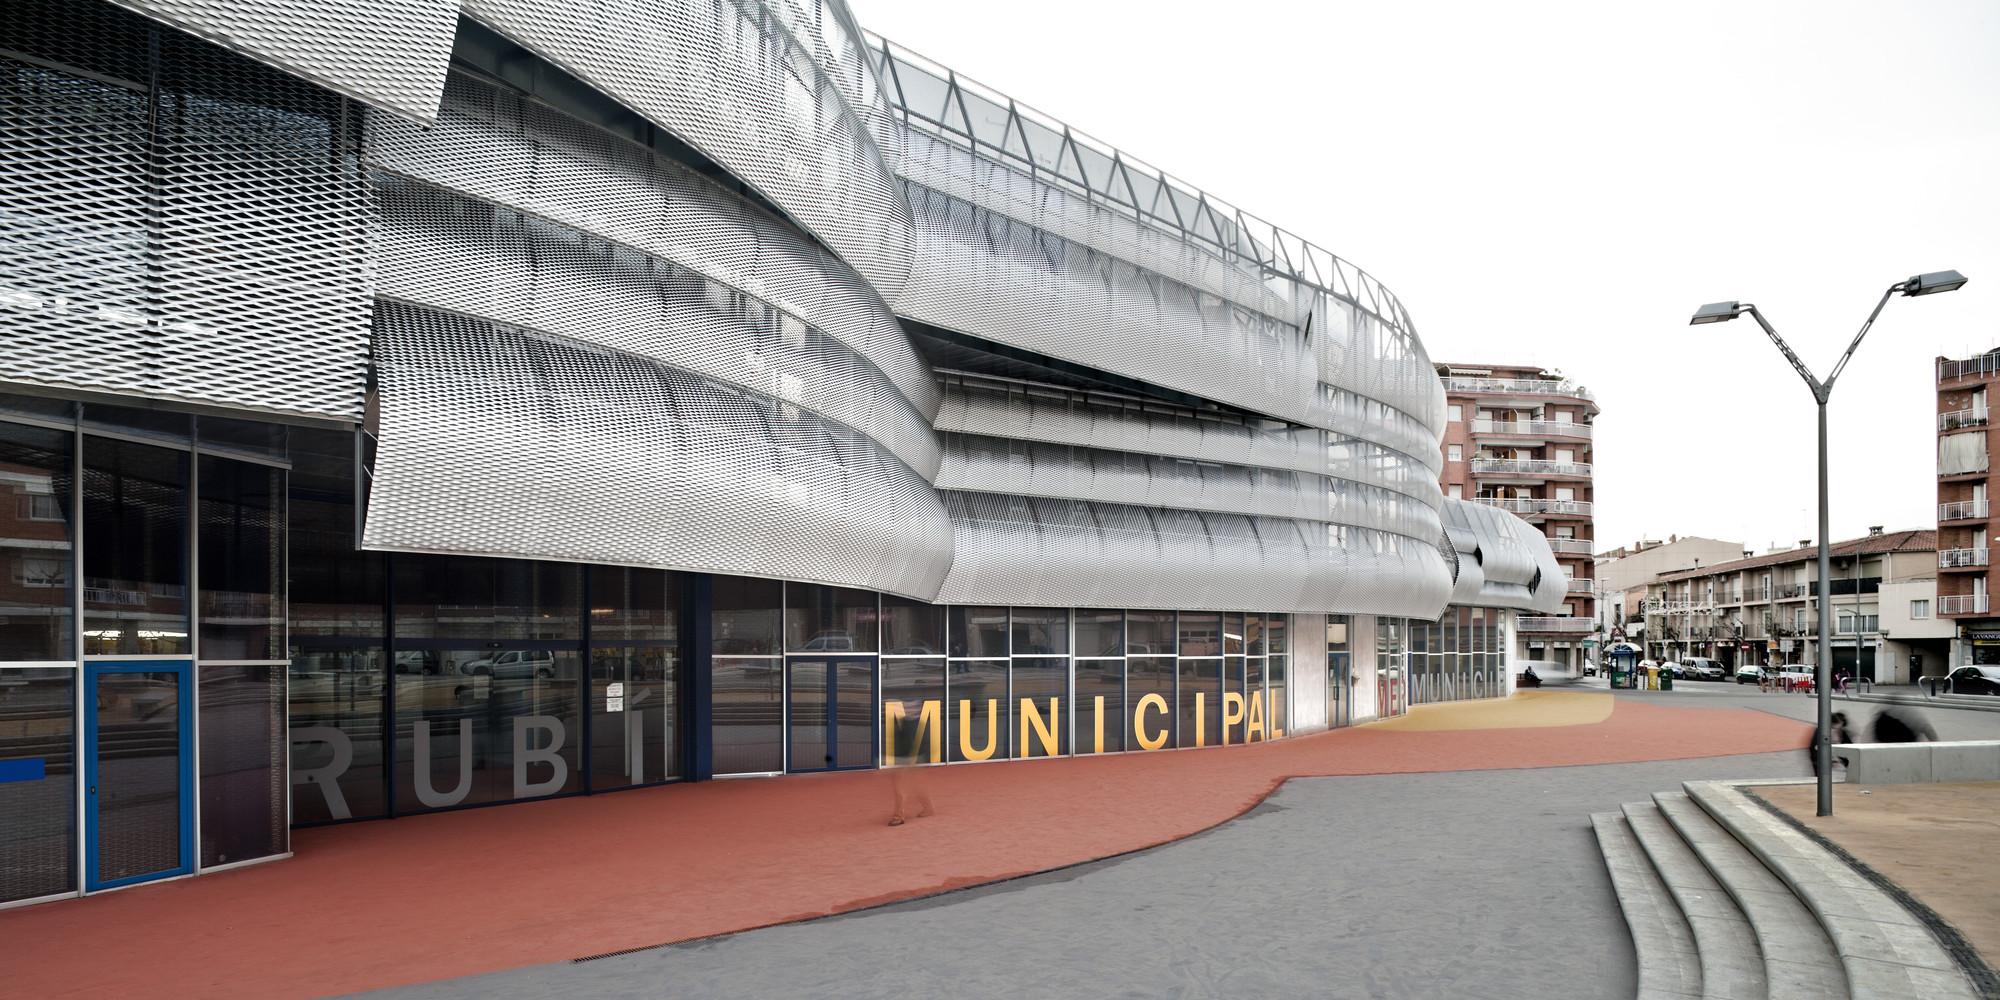 Edificio Mercado Municipal y Espacio Público Rubí / MiAS Arquitectes, © Adrià Goula